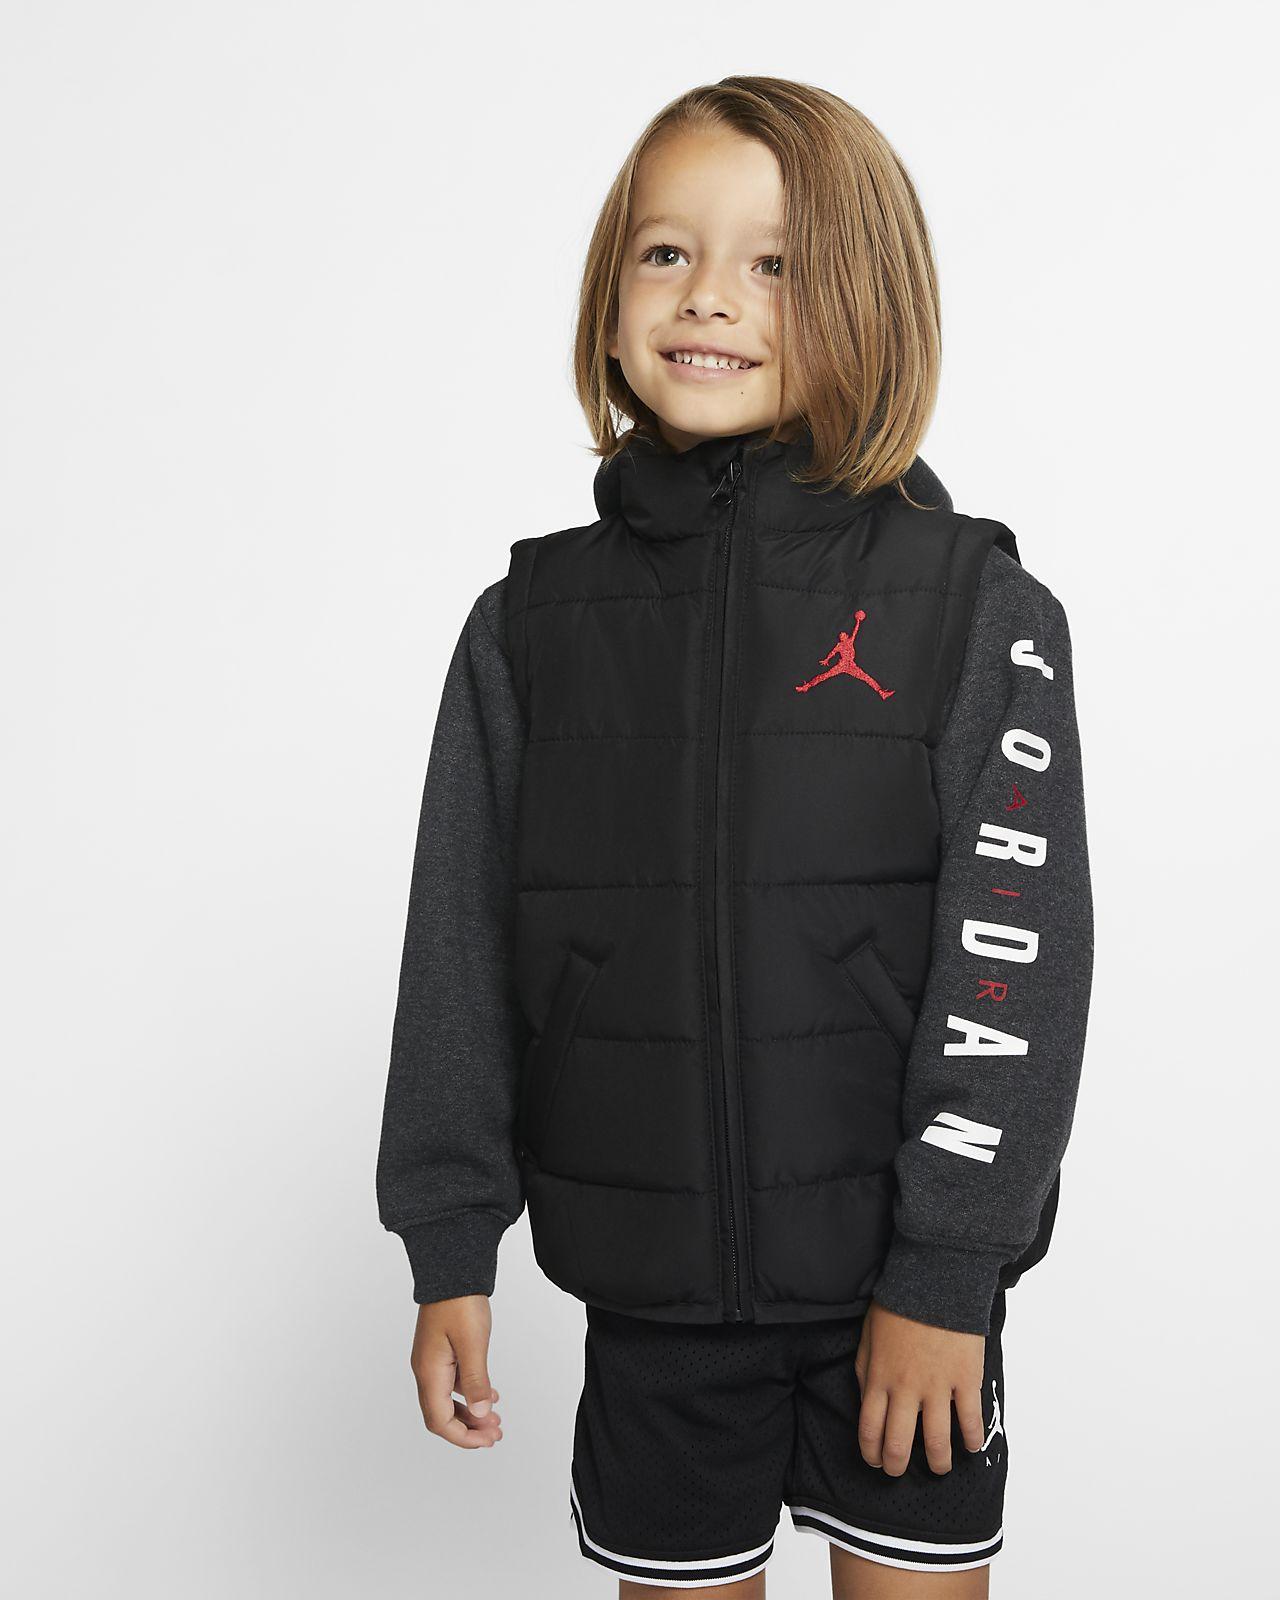 Jordan Jumpman-dynejakke med lynlås i fuld længde til småbørn